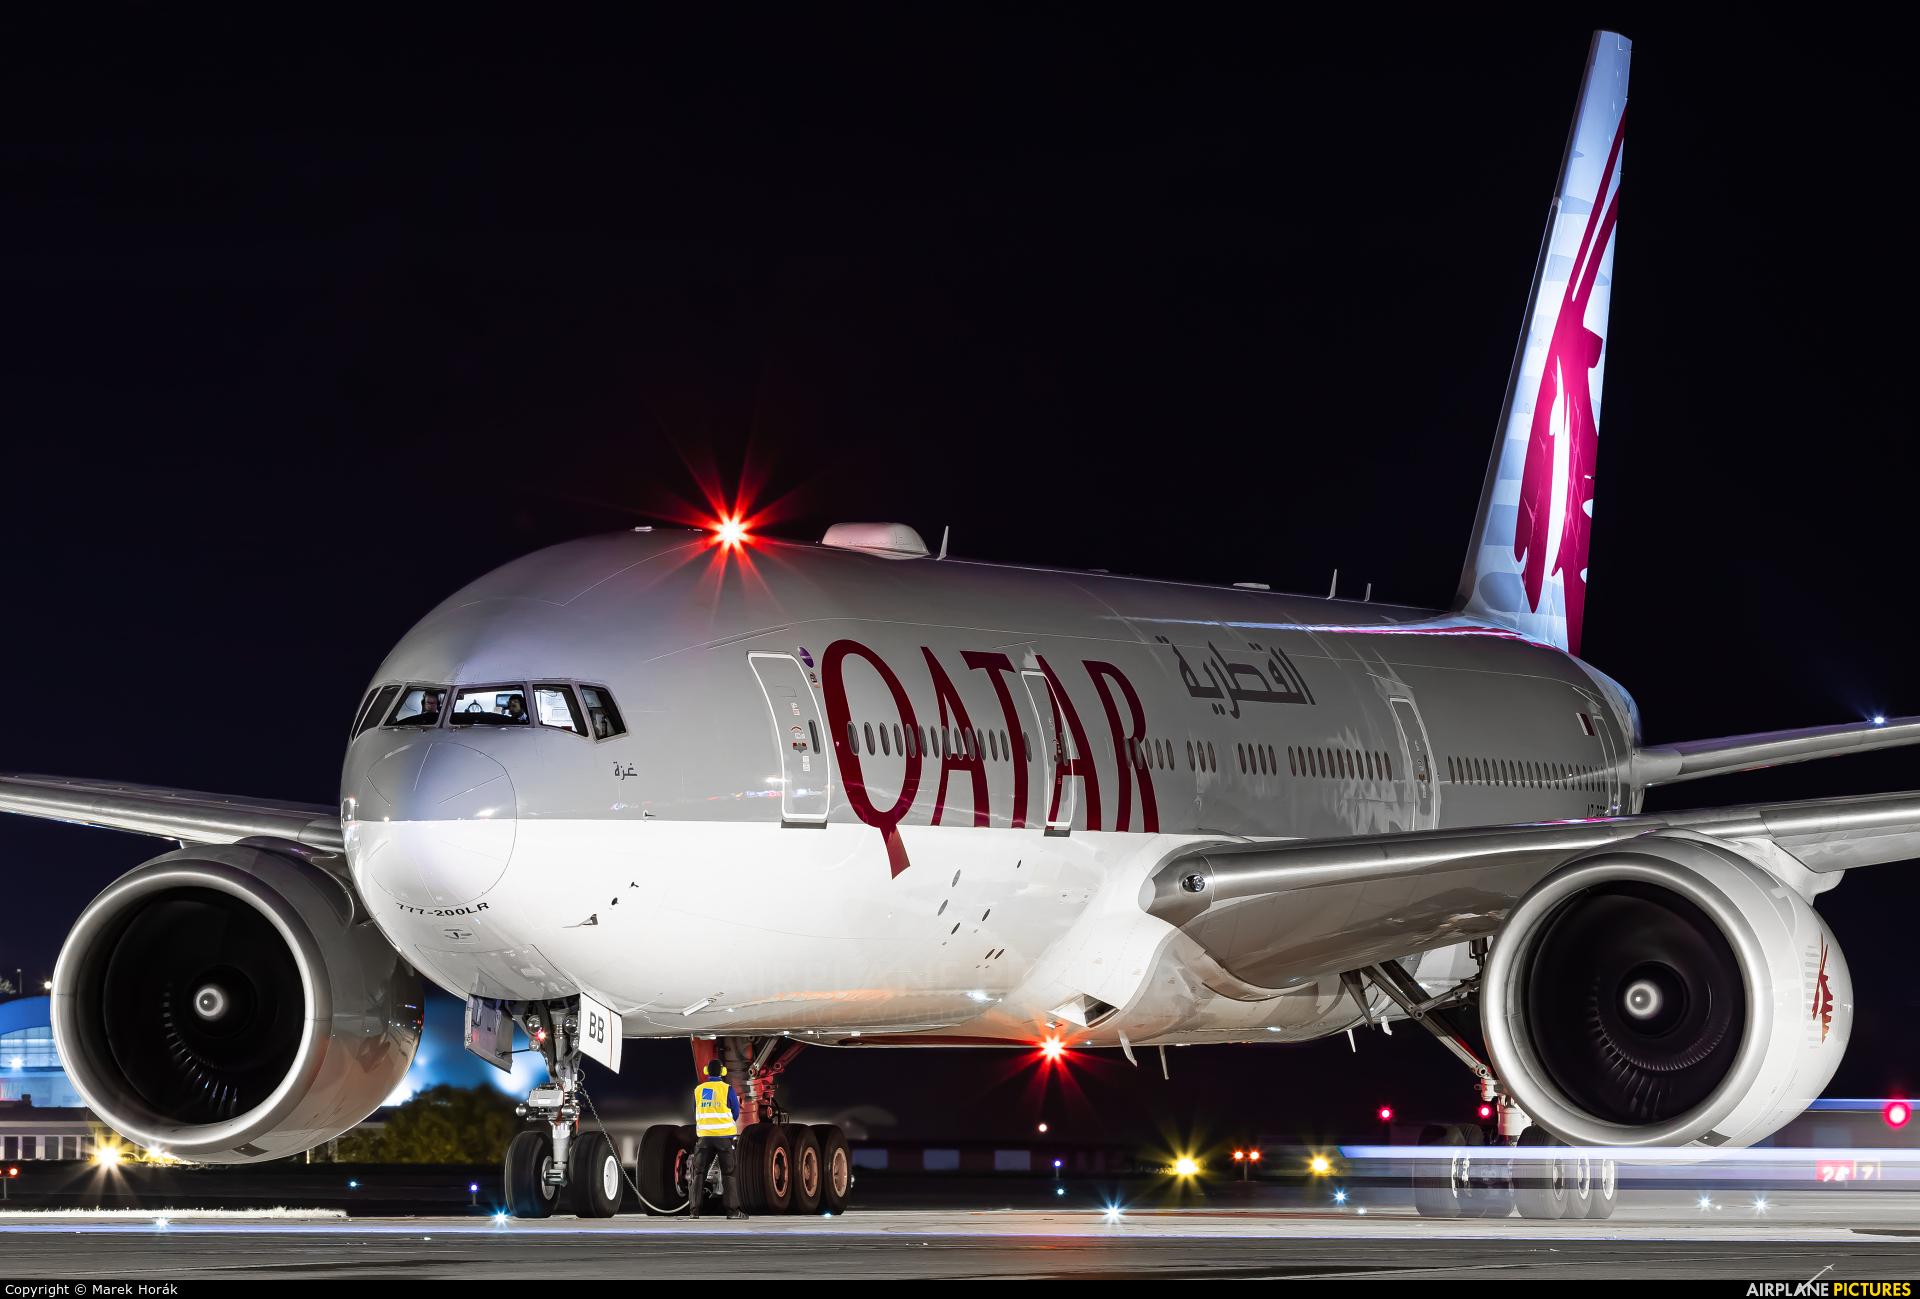 Qatar Airways A7-BBB aircraft at Prague - Václav Havel